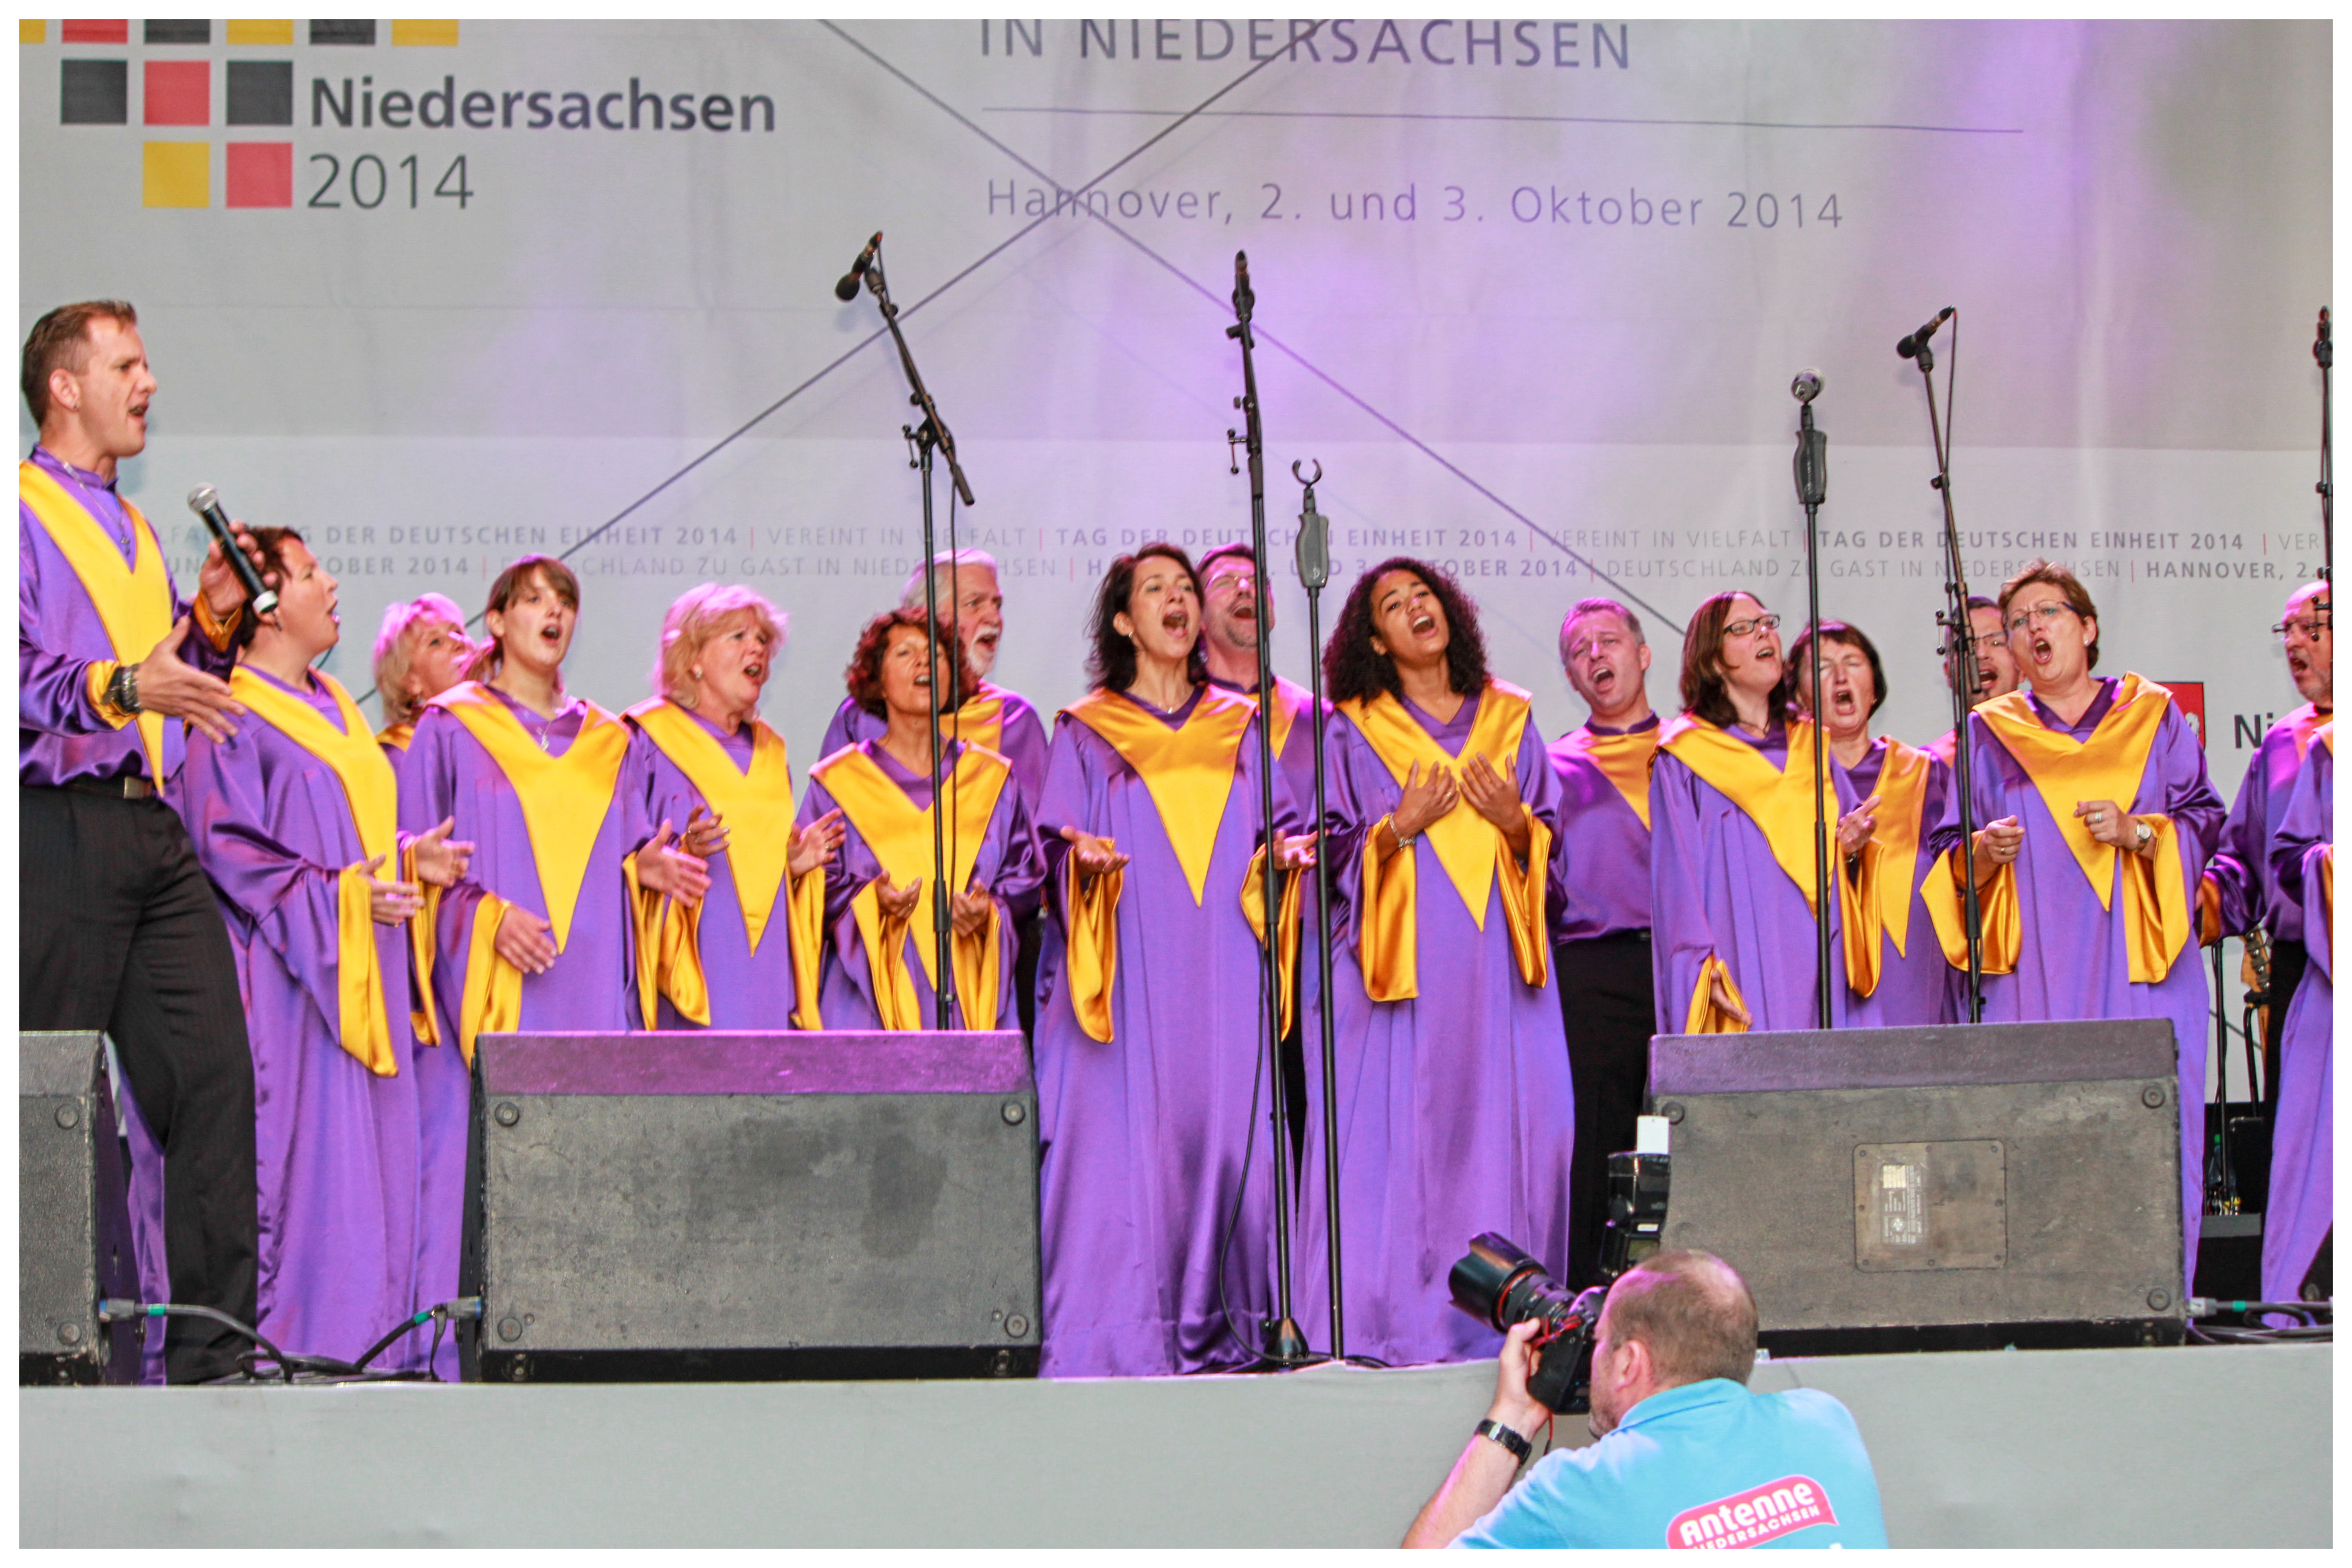 Tag der Niedersachsen